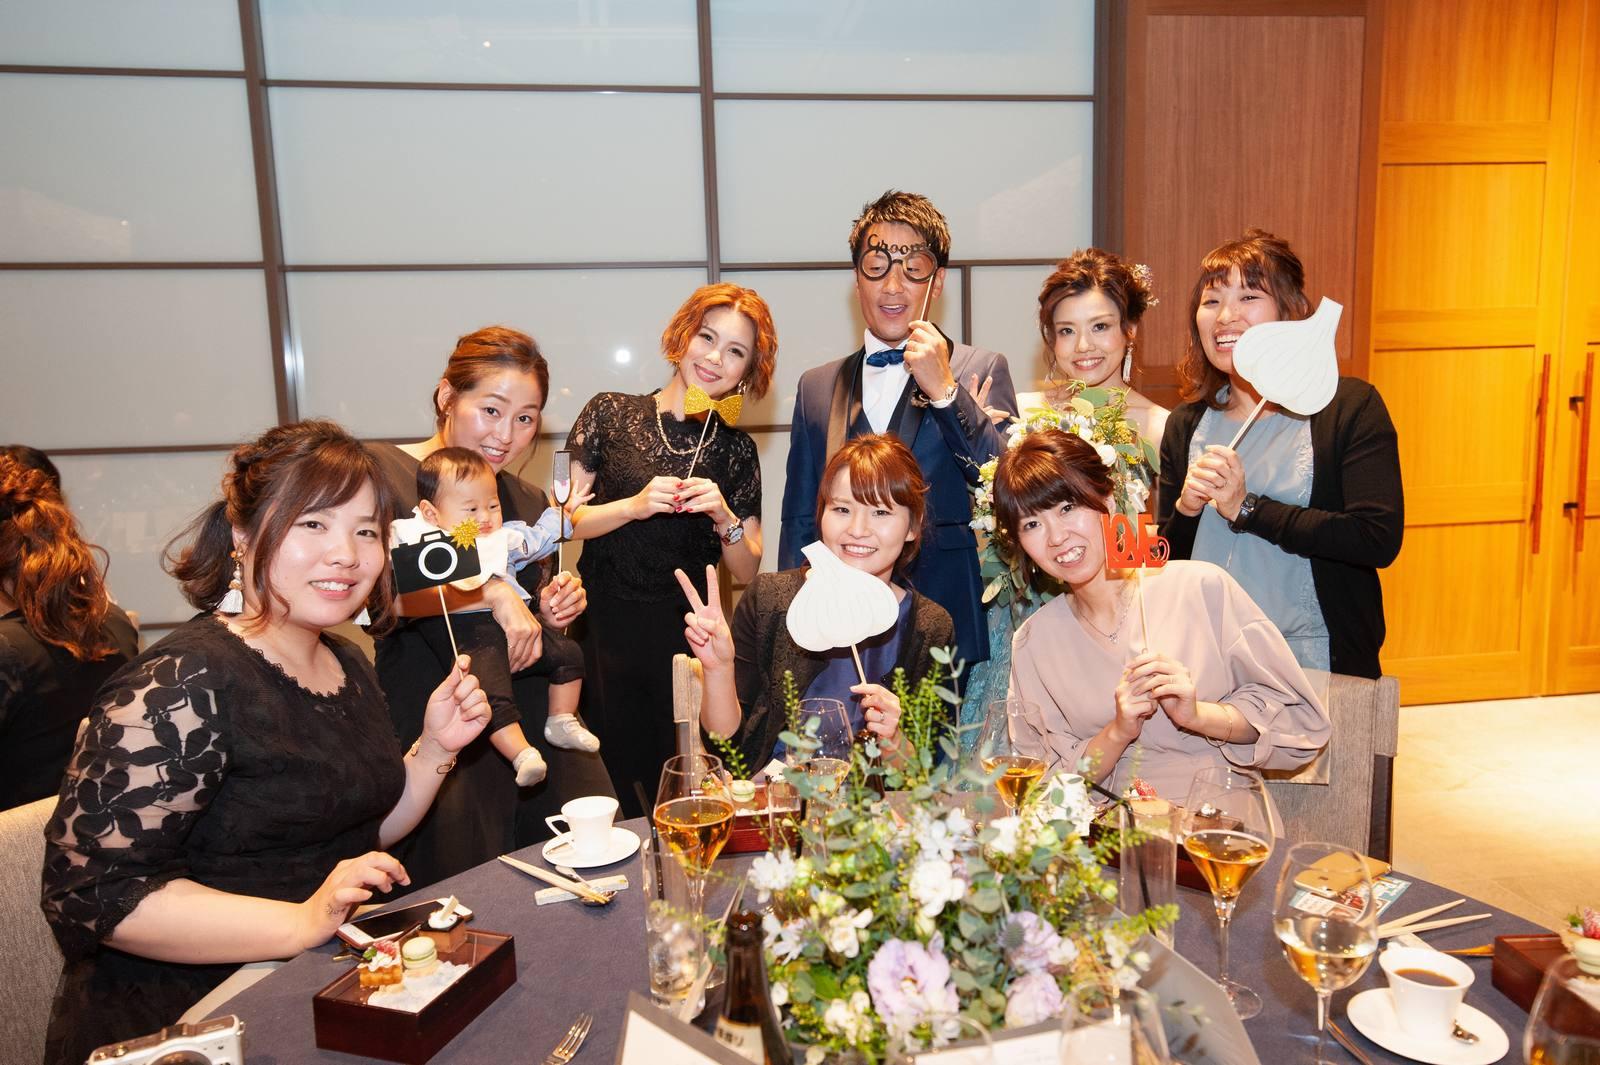 香川県高松市の結婚式場アナザースタイルでテーブルラウンド